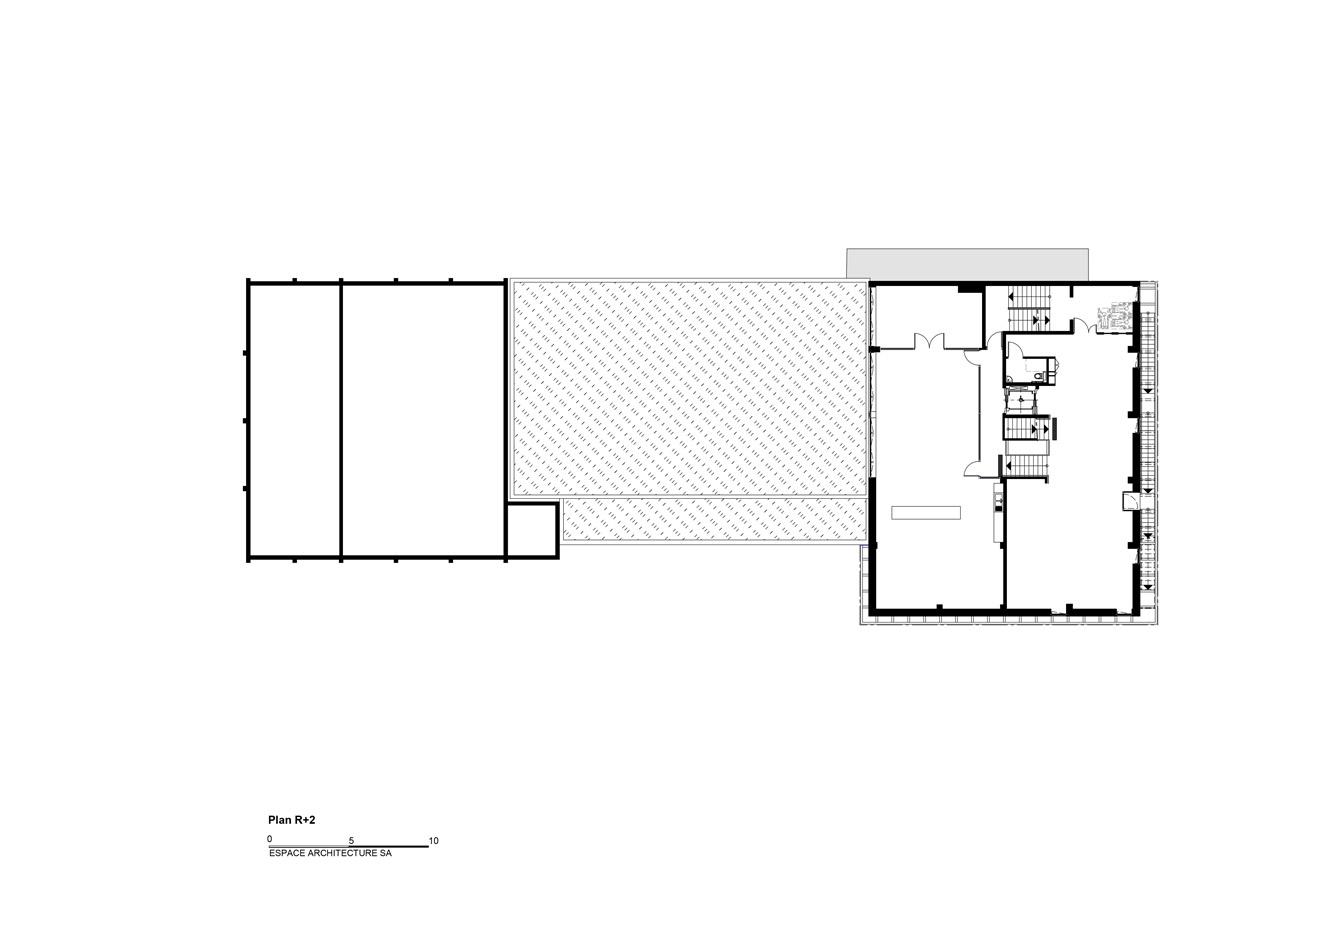 Mediatheque-Freyming_Plan-R+2